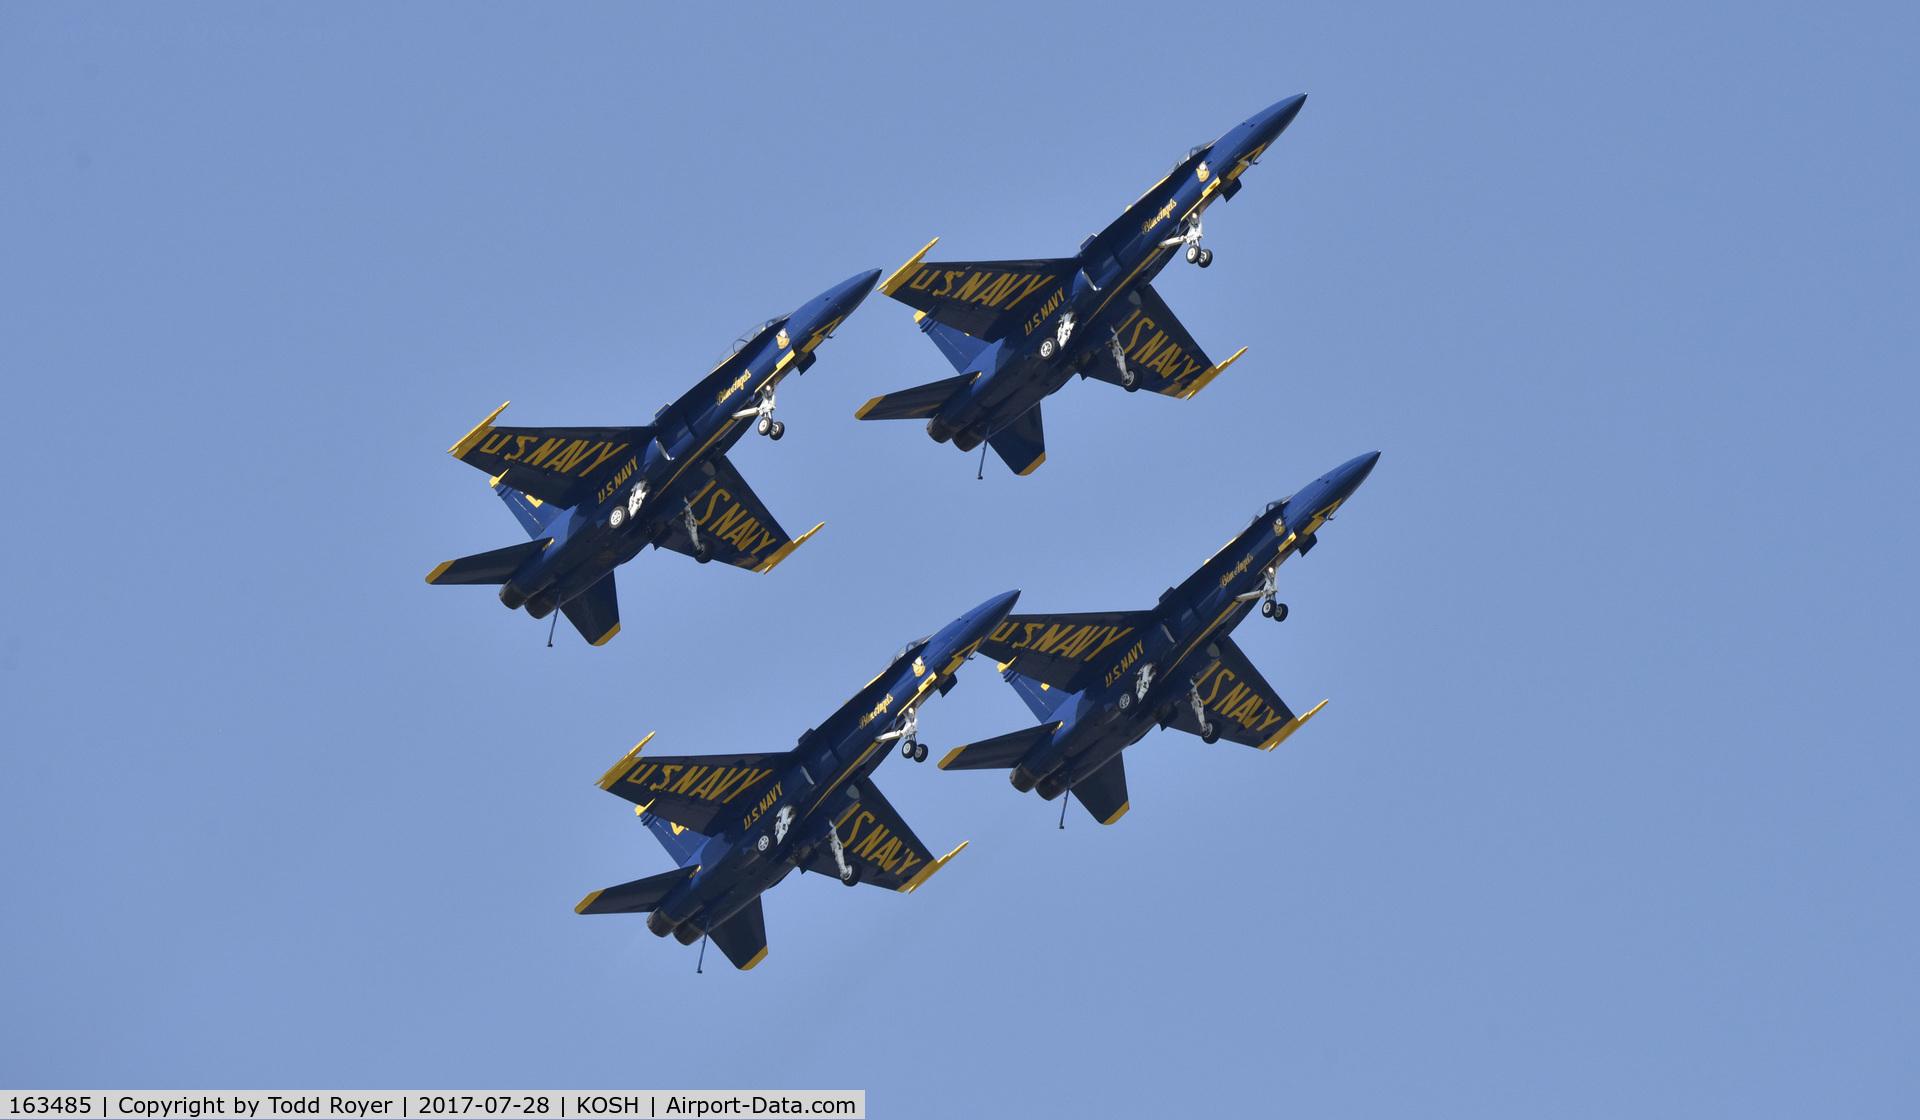 163485, 1988 McDonnell Douglas F/A-18C Hornet C/N 0717/C044, Airventure 2017